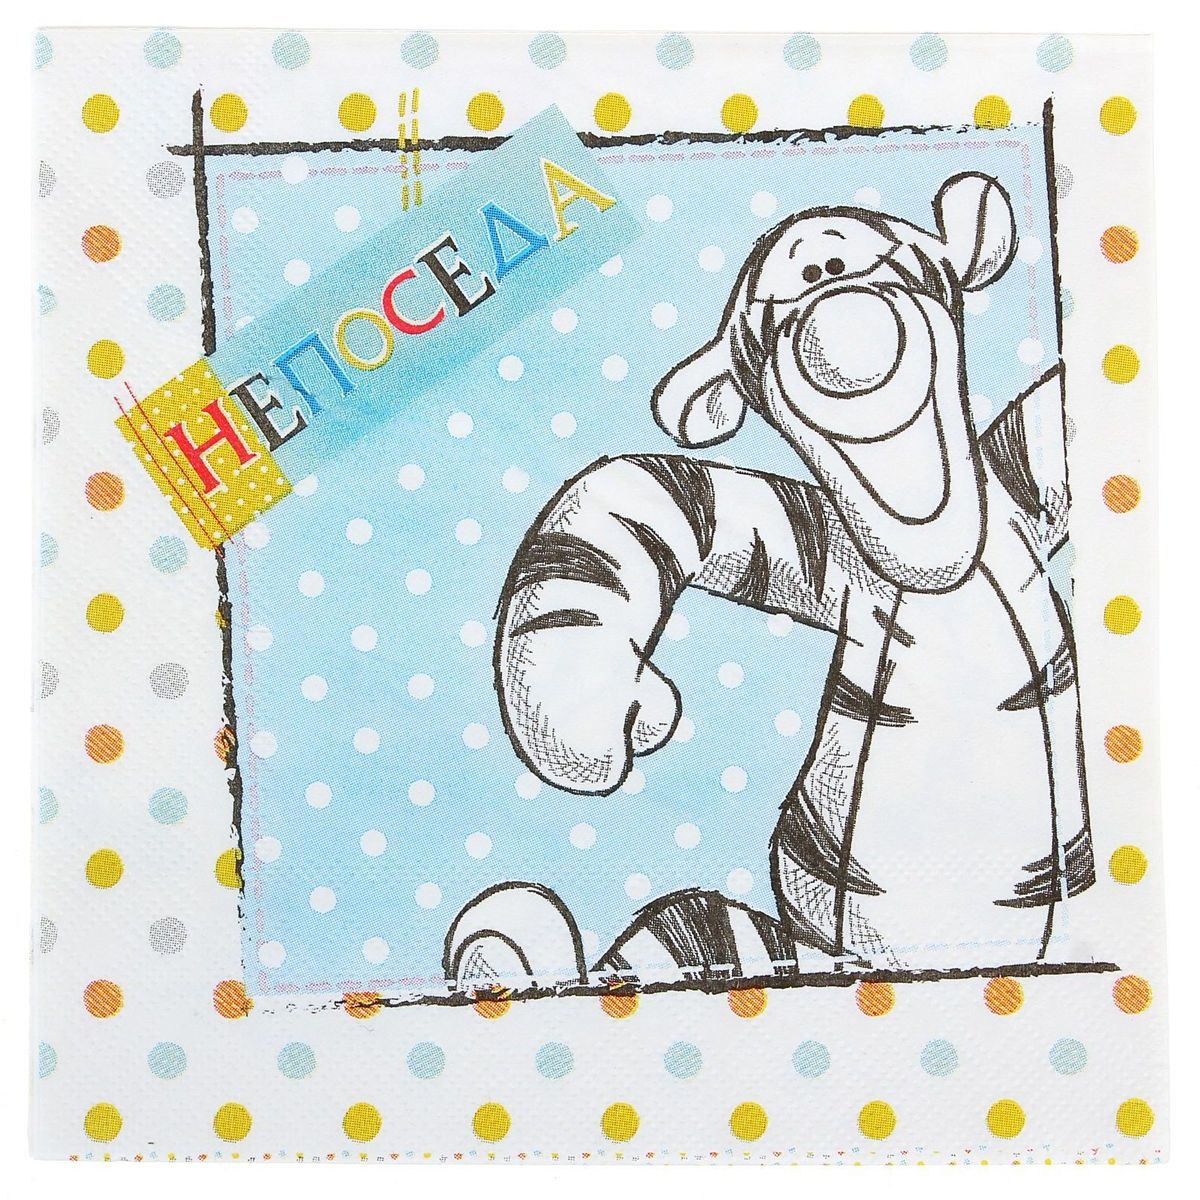 Салфетка для декупажа Disney Медвежонок Винни. Вместе веселей, 33 х 33 см1189466Салфетка для декупажа изготовлена из тонкой, но качественной бумаги. Легко приклеится к основе и сохранит при этом насыщенность красок и четкость линий.Создавайте свои уникальные шедевры!